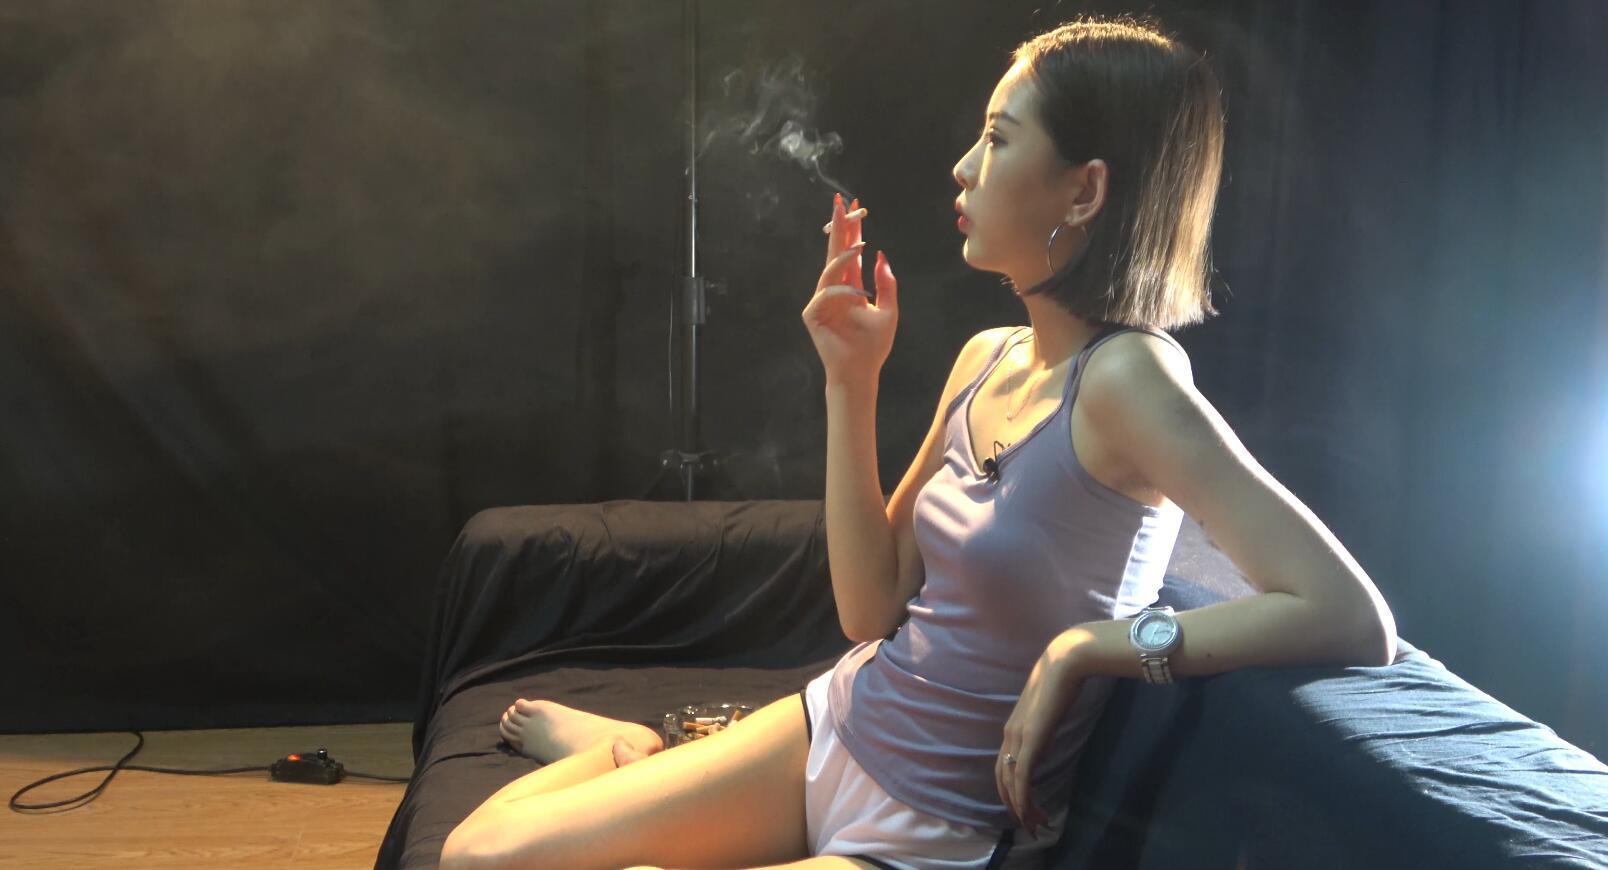 极品萌妹子抽烟采访实录带你了解妹子抽烟的故事[MP4/2.09GB/度盘/GoogleDrive]